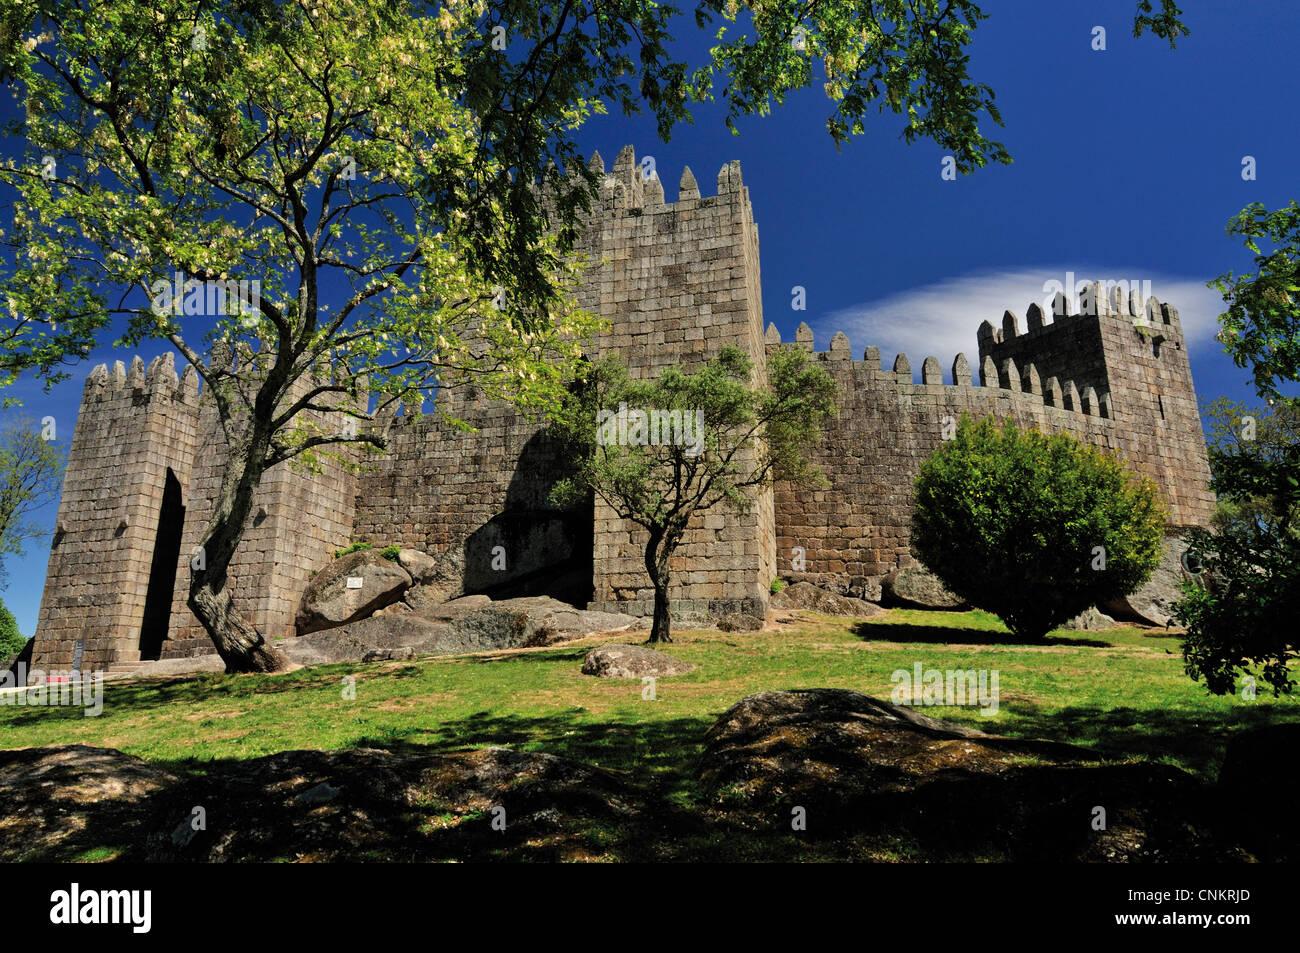 Portugal: Castillo Medieval y cuna de Portugal en la Capital Europea de la Cultura 2012 Guimaraes Imagen De Stock